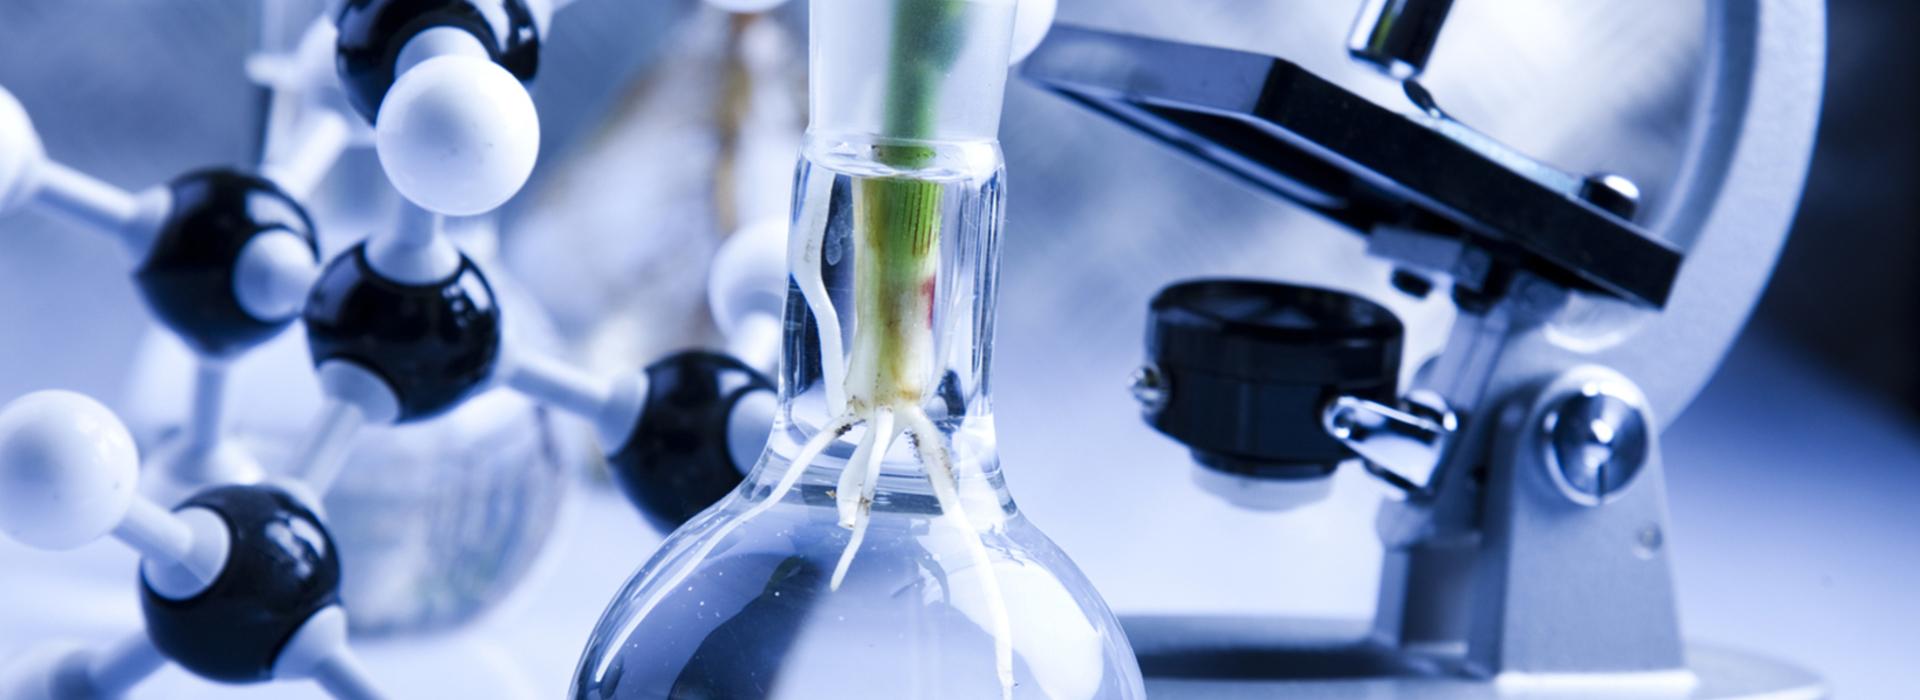 Лаборатория мониторинга результатов научно-исследовательских работ ипроектов